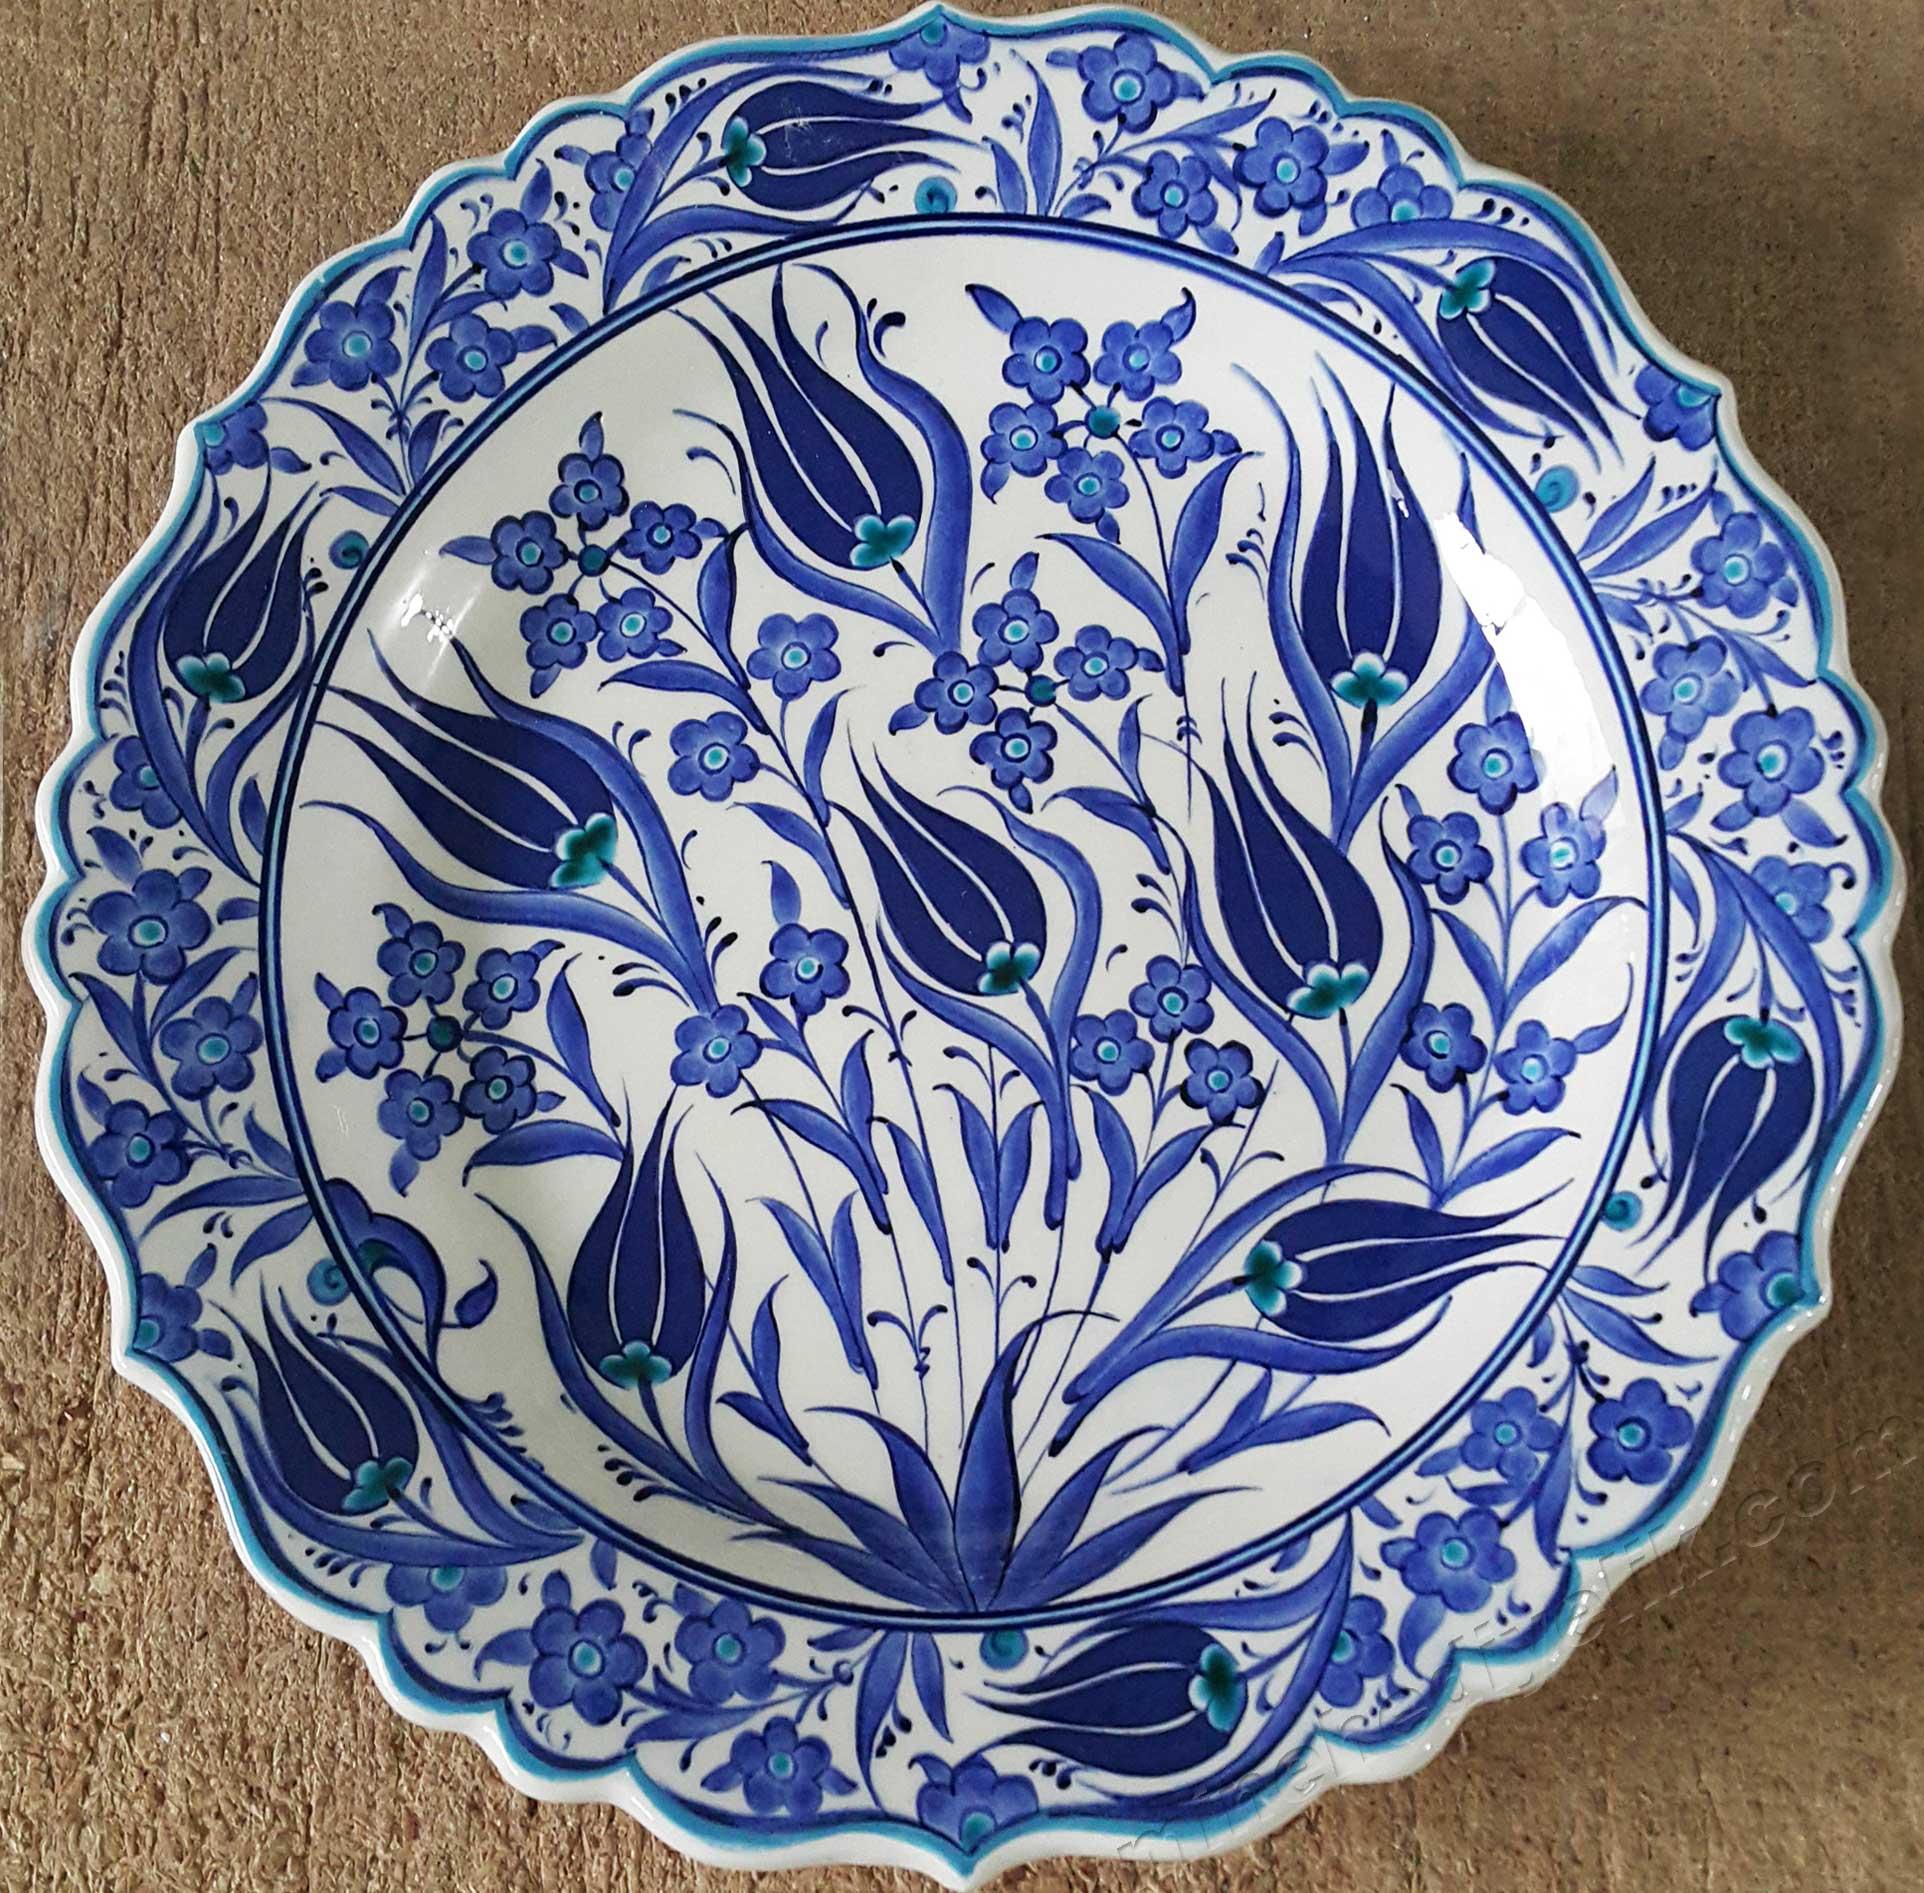 En güzel çini tabak desenleri Mavi Beyaz İznik Çinileri Türkiye ye Özgü Kalıcı ve Geleneksel Hediyeler